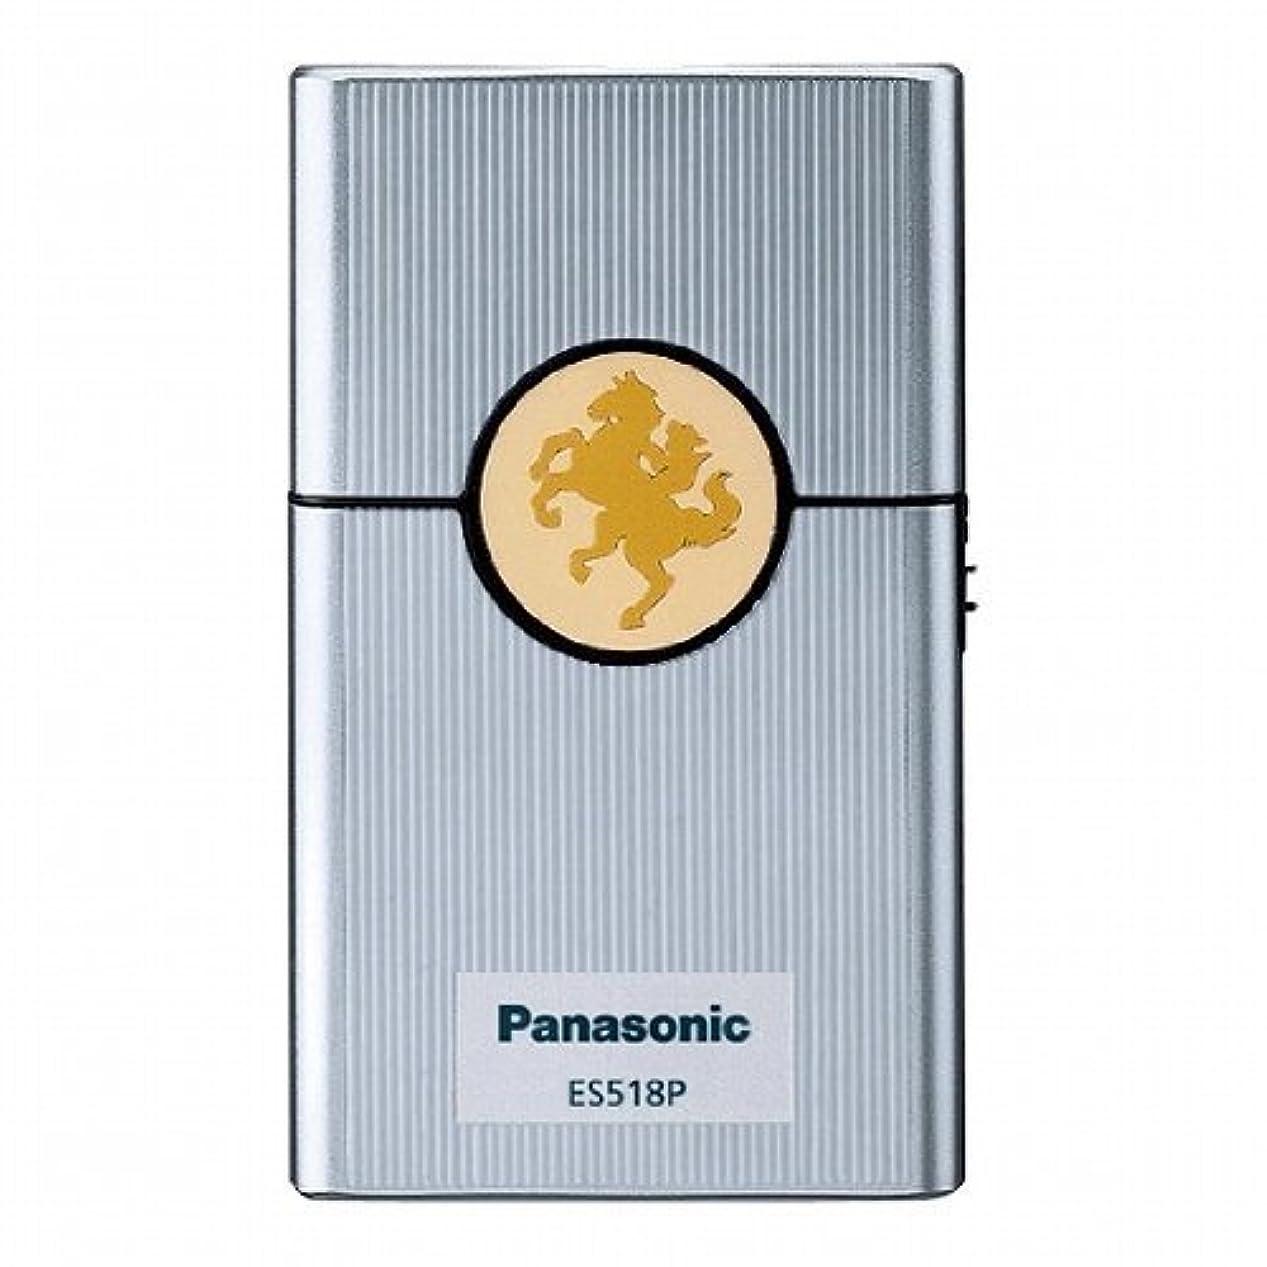 ドリル成熟幸運なことにパナソニック カードシェーバー AITE(アイト) ES518P-S